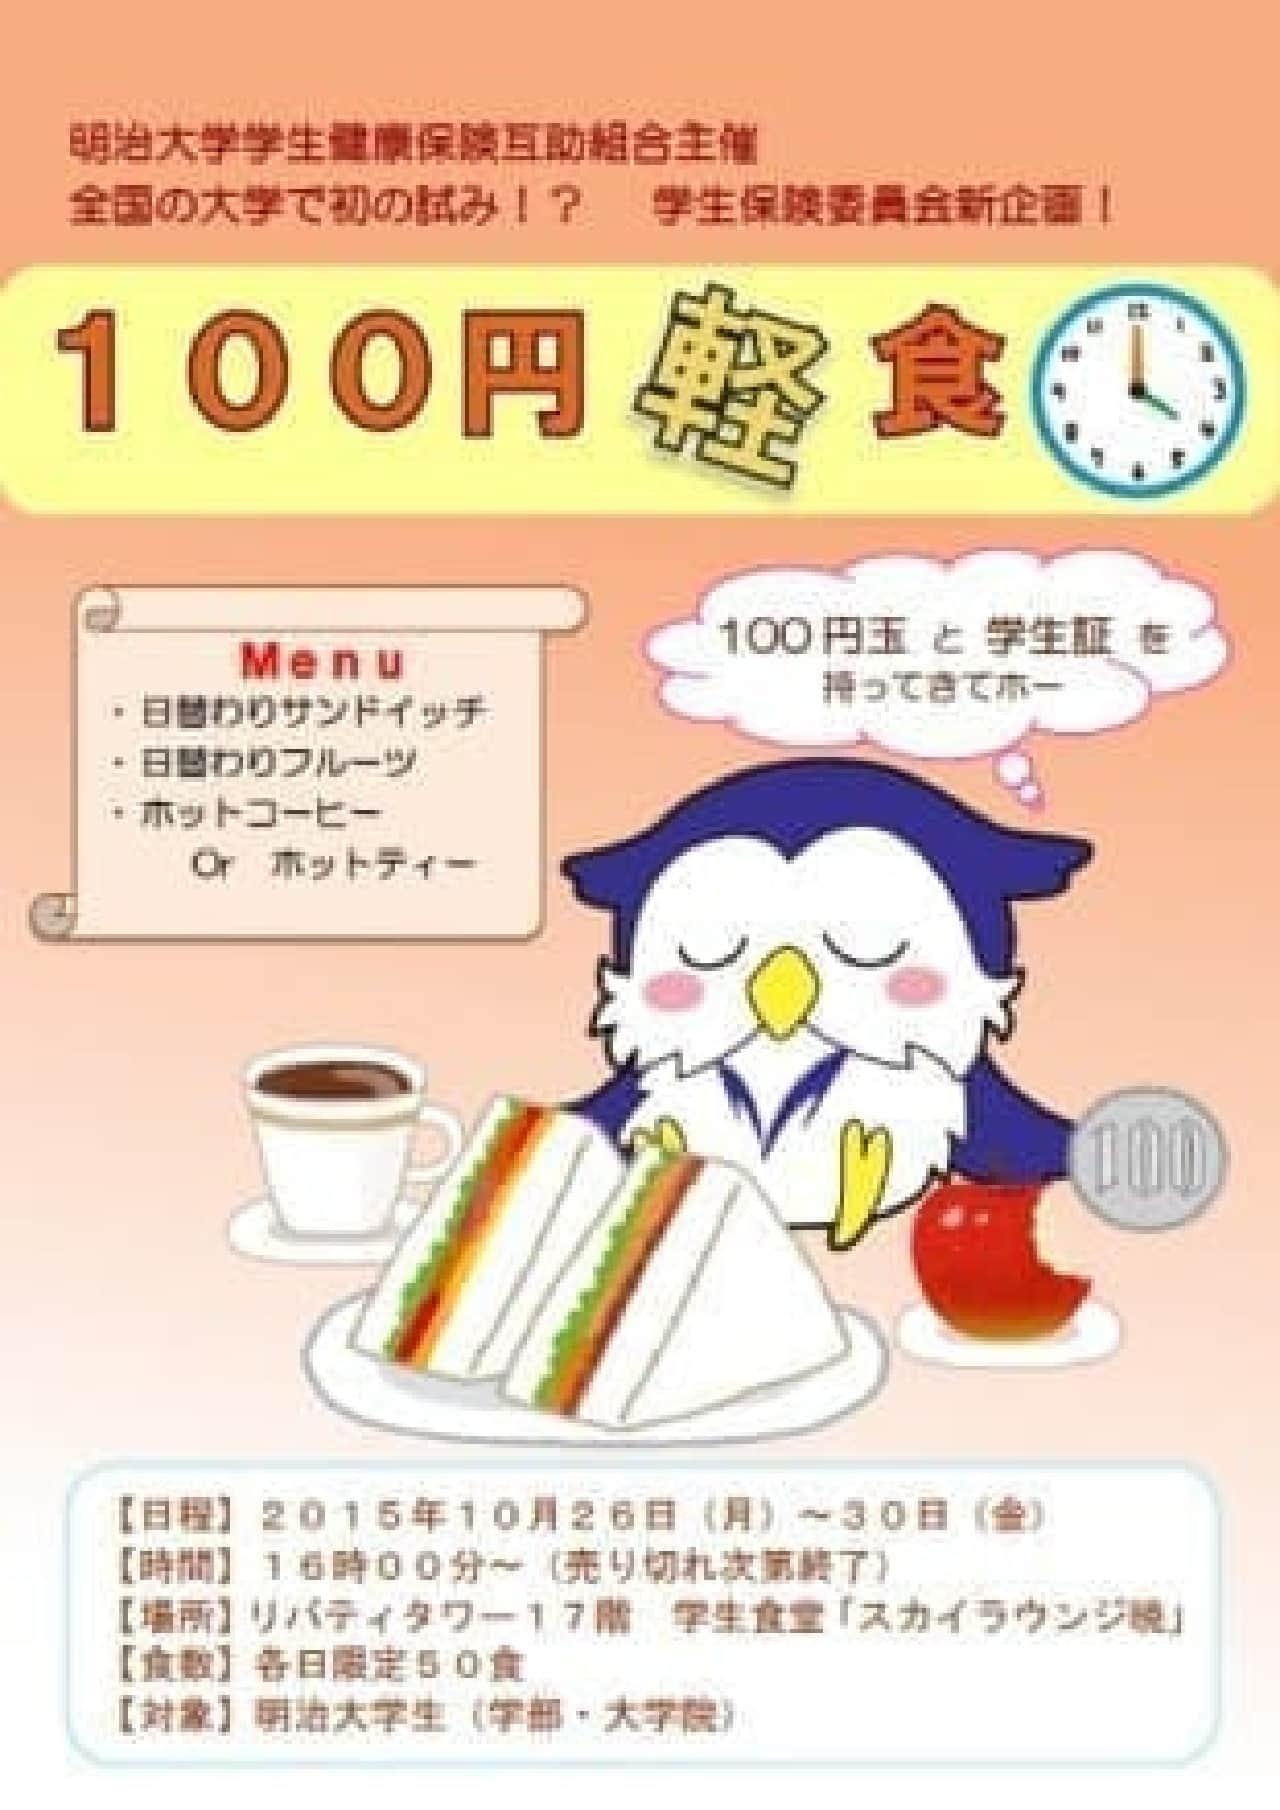 夕方の「100円軽食」でパワーをチャージ!